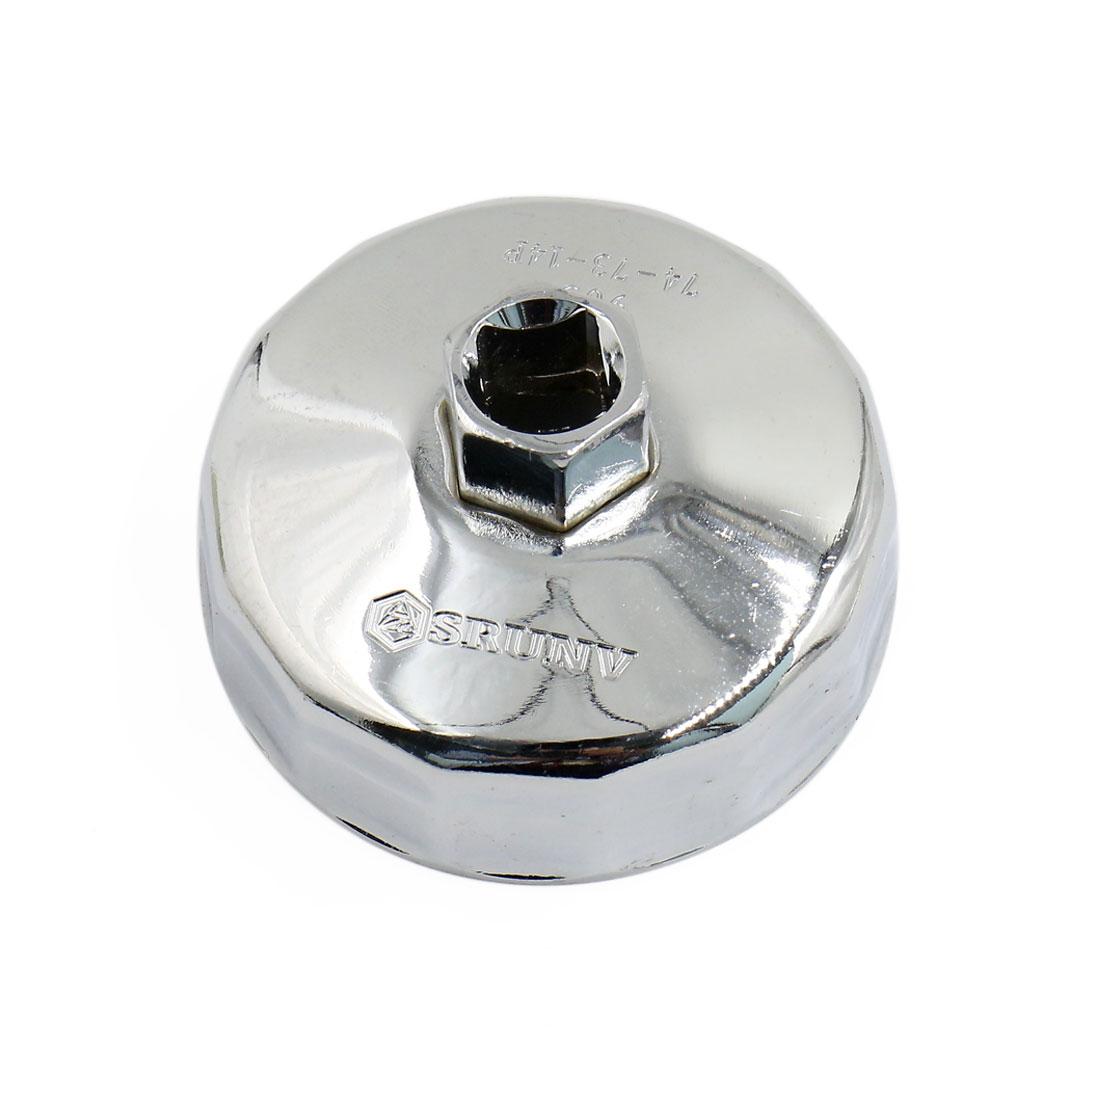 74mm Inner Diameter Car Stainless Steel Alloy 14 Flutes Oil Filter Wrench Cap Socket Tool